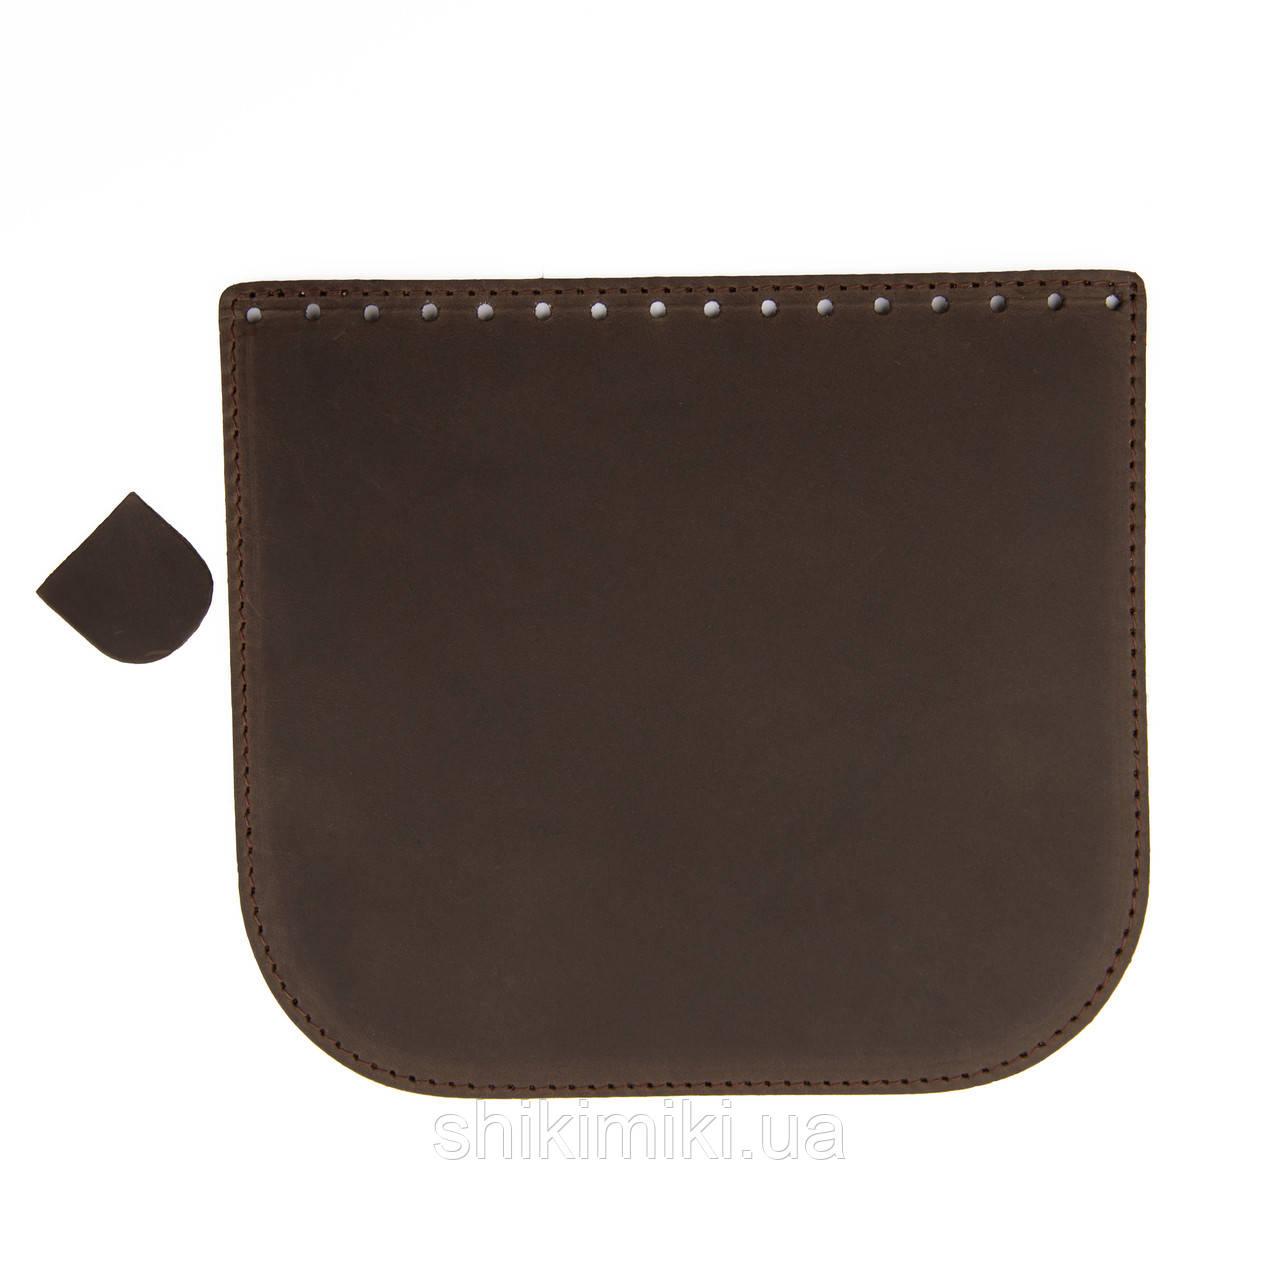 Крышка для сумки из эко-кожи (20*18), цвет коричневый под нубук